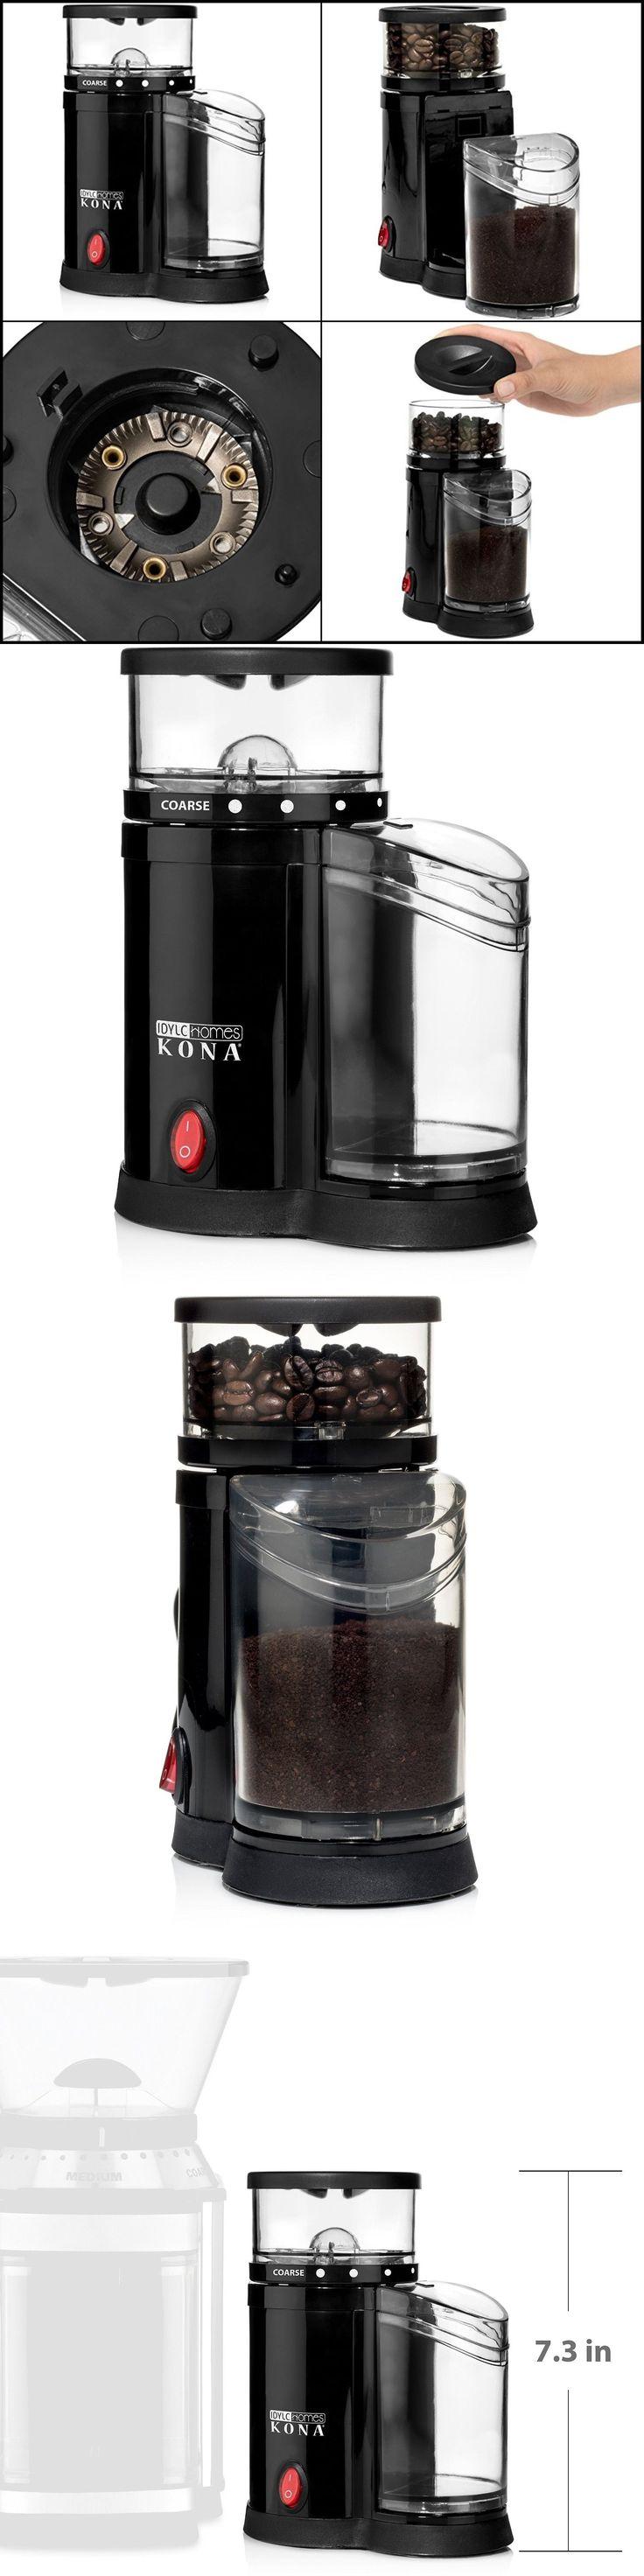 Coffee grinders 32882 ground coffee burr grinder whole